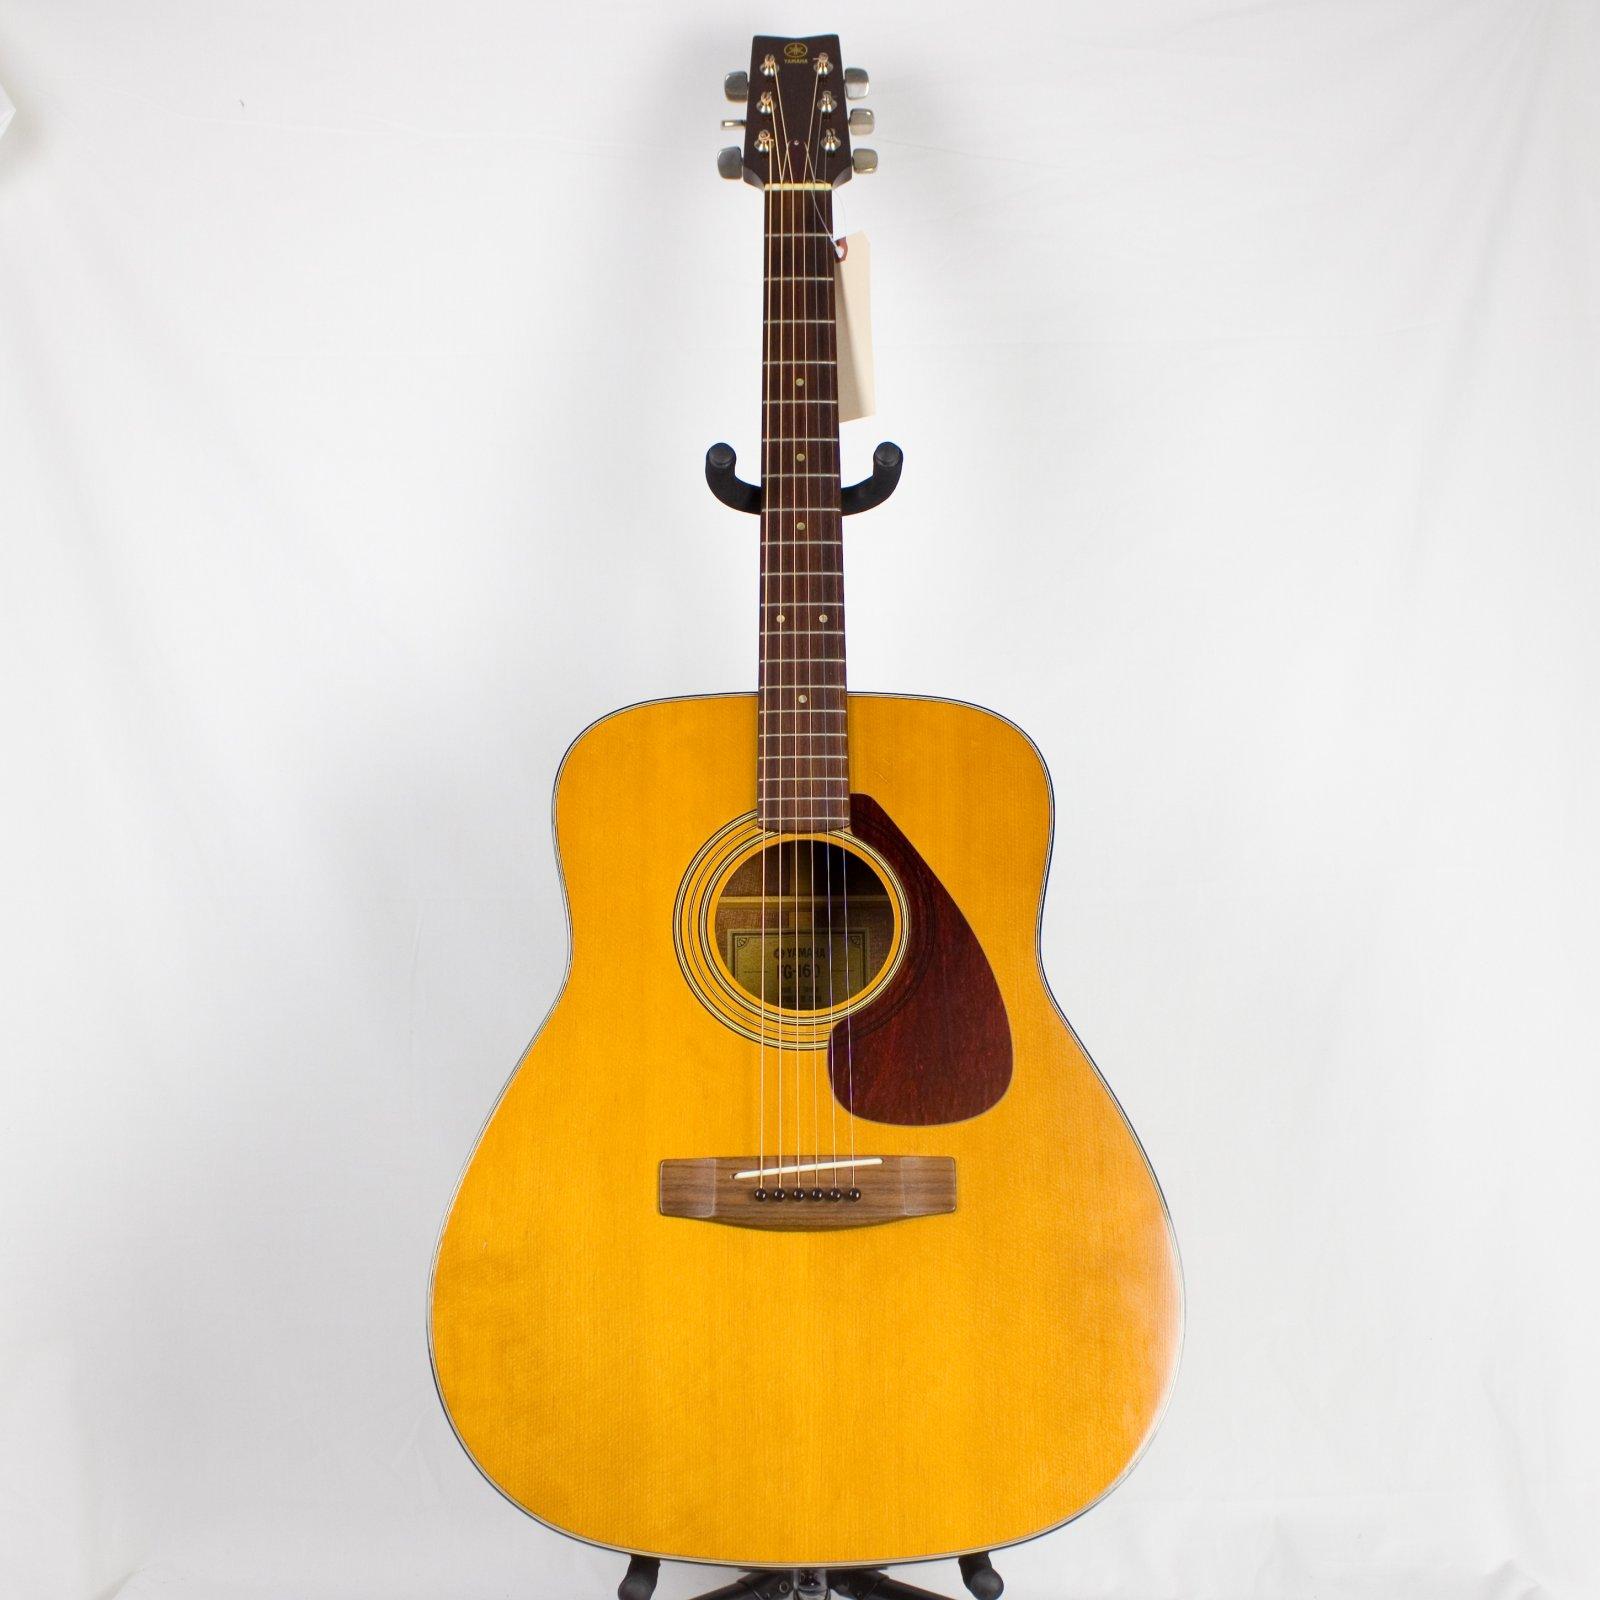 Vintage Yamaha FG-160 Acoustic Guitar w/ Original Case, 1974